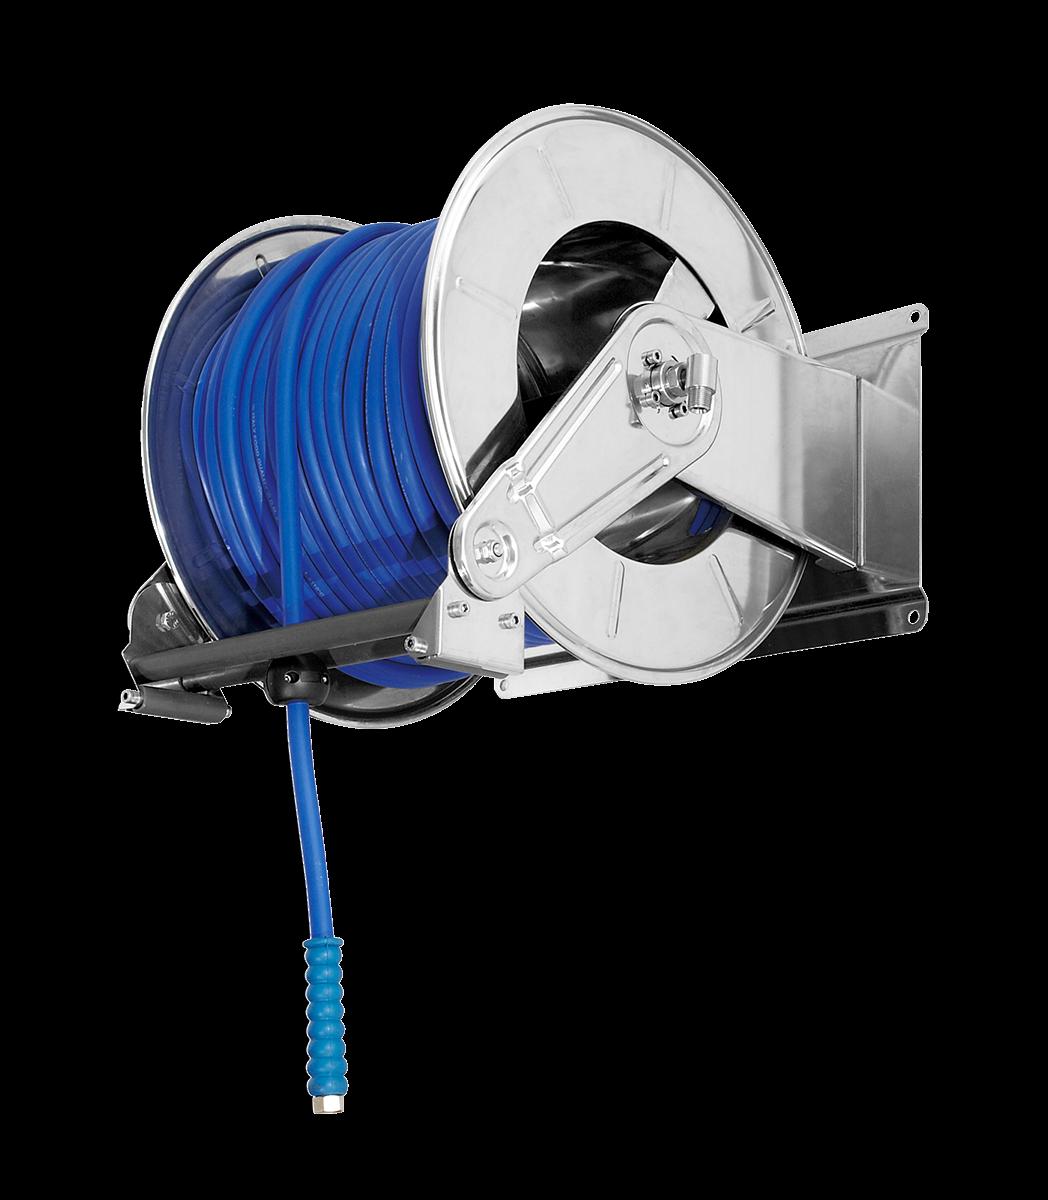 Enrouleur de tuyaux automatique <br><60 mètres 3/8